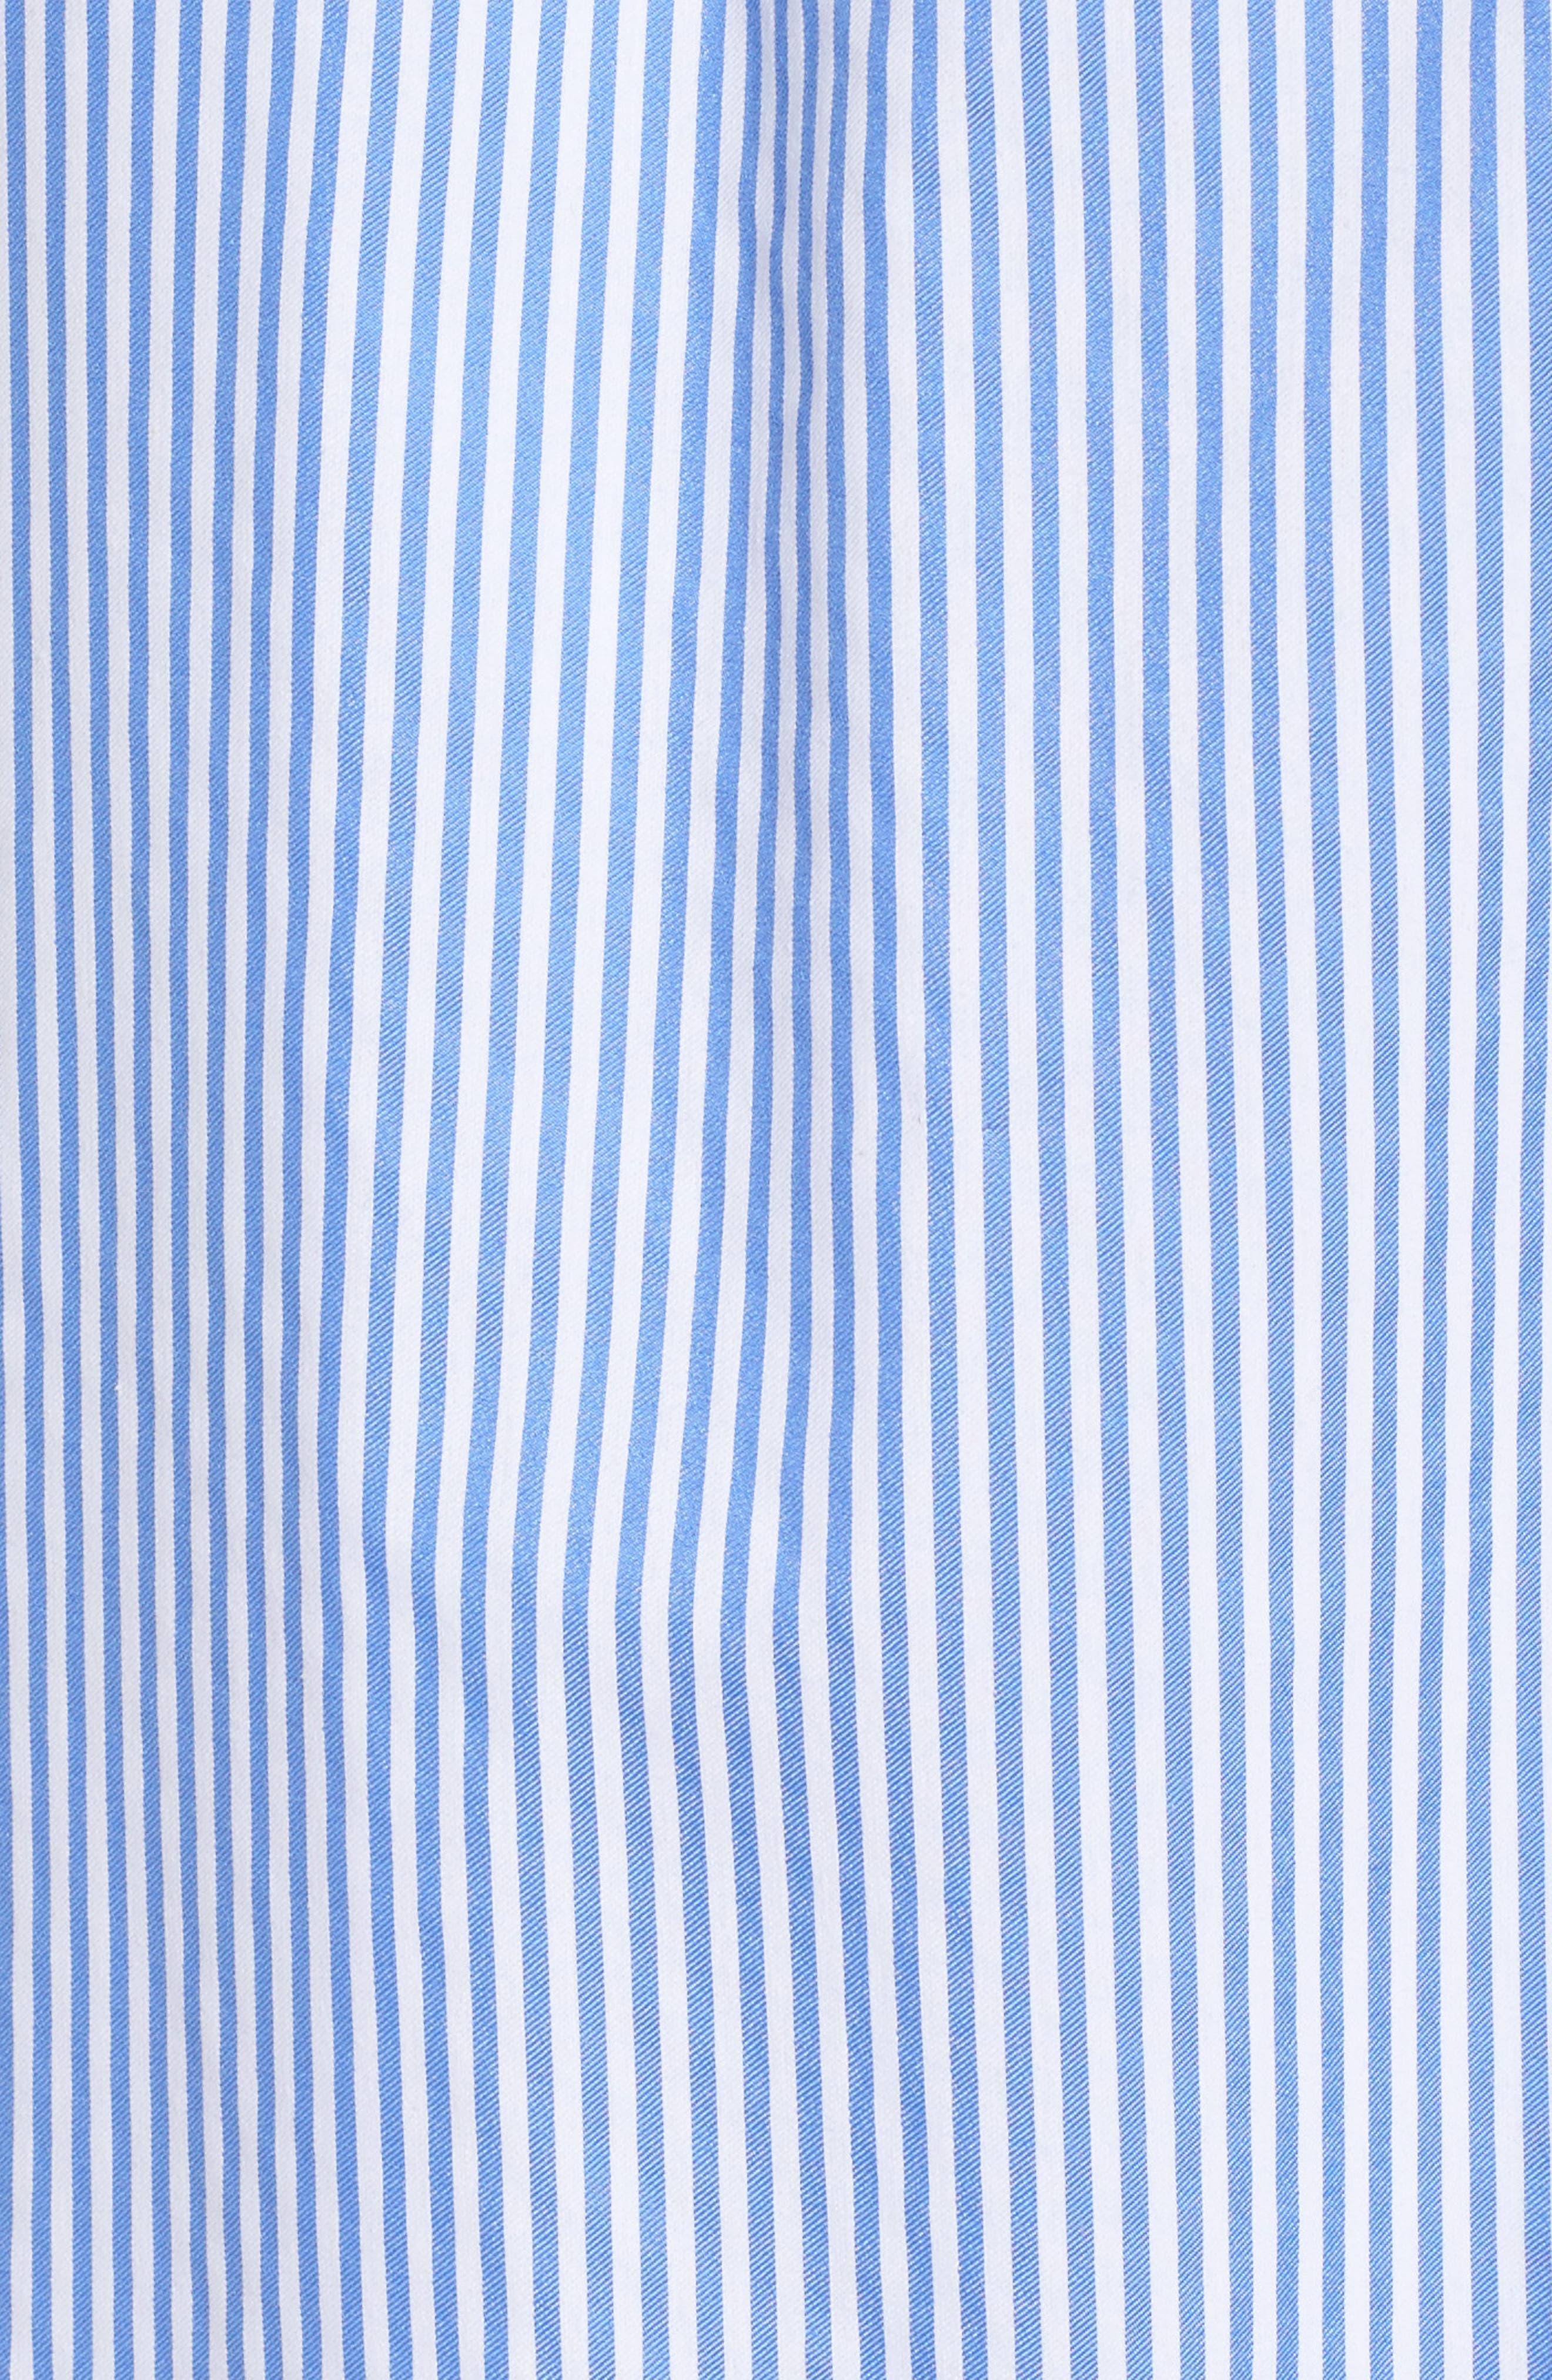 Embroidered Stripe Cold Shoulder Shift Dress,                             Alternate thumbnail 5, color,